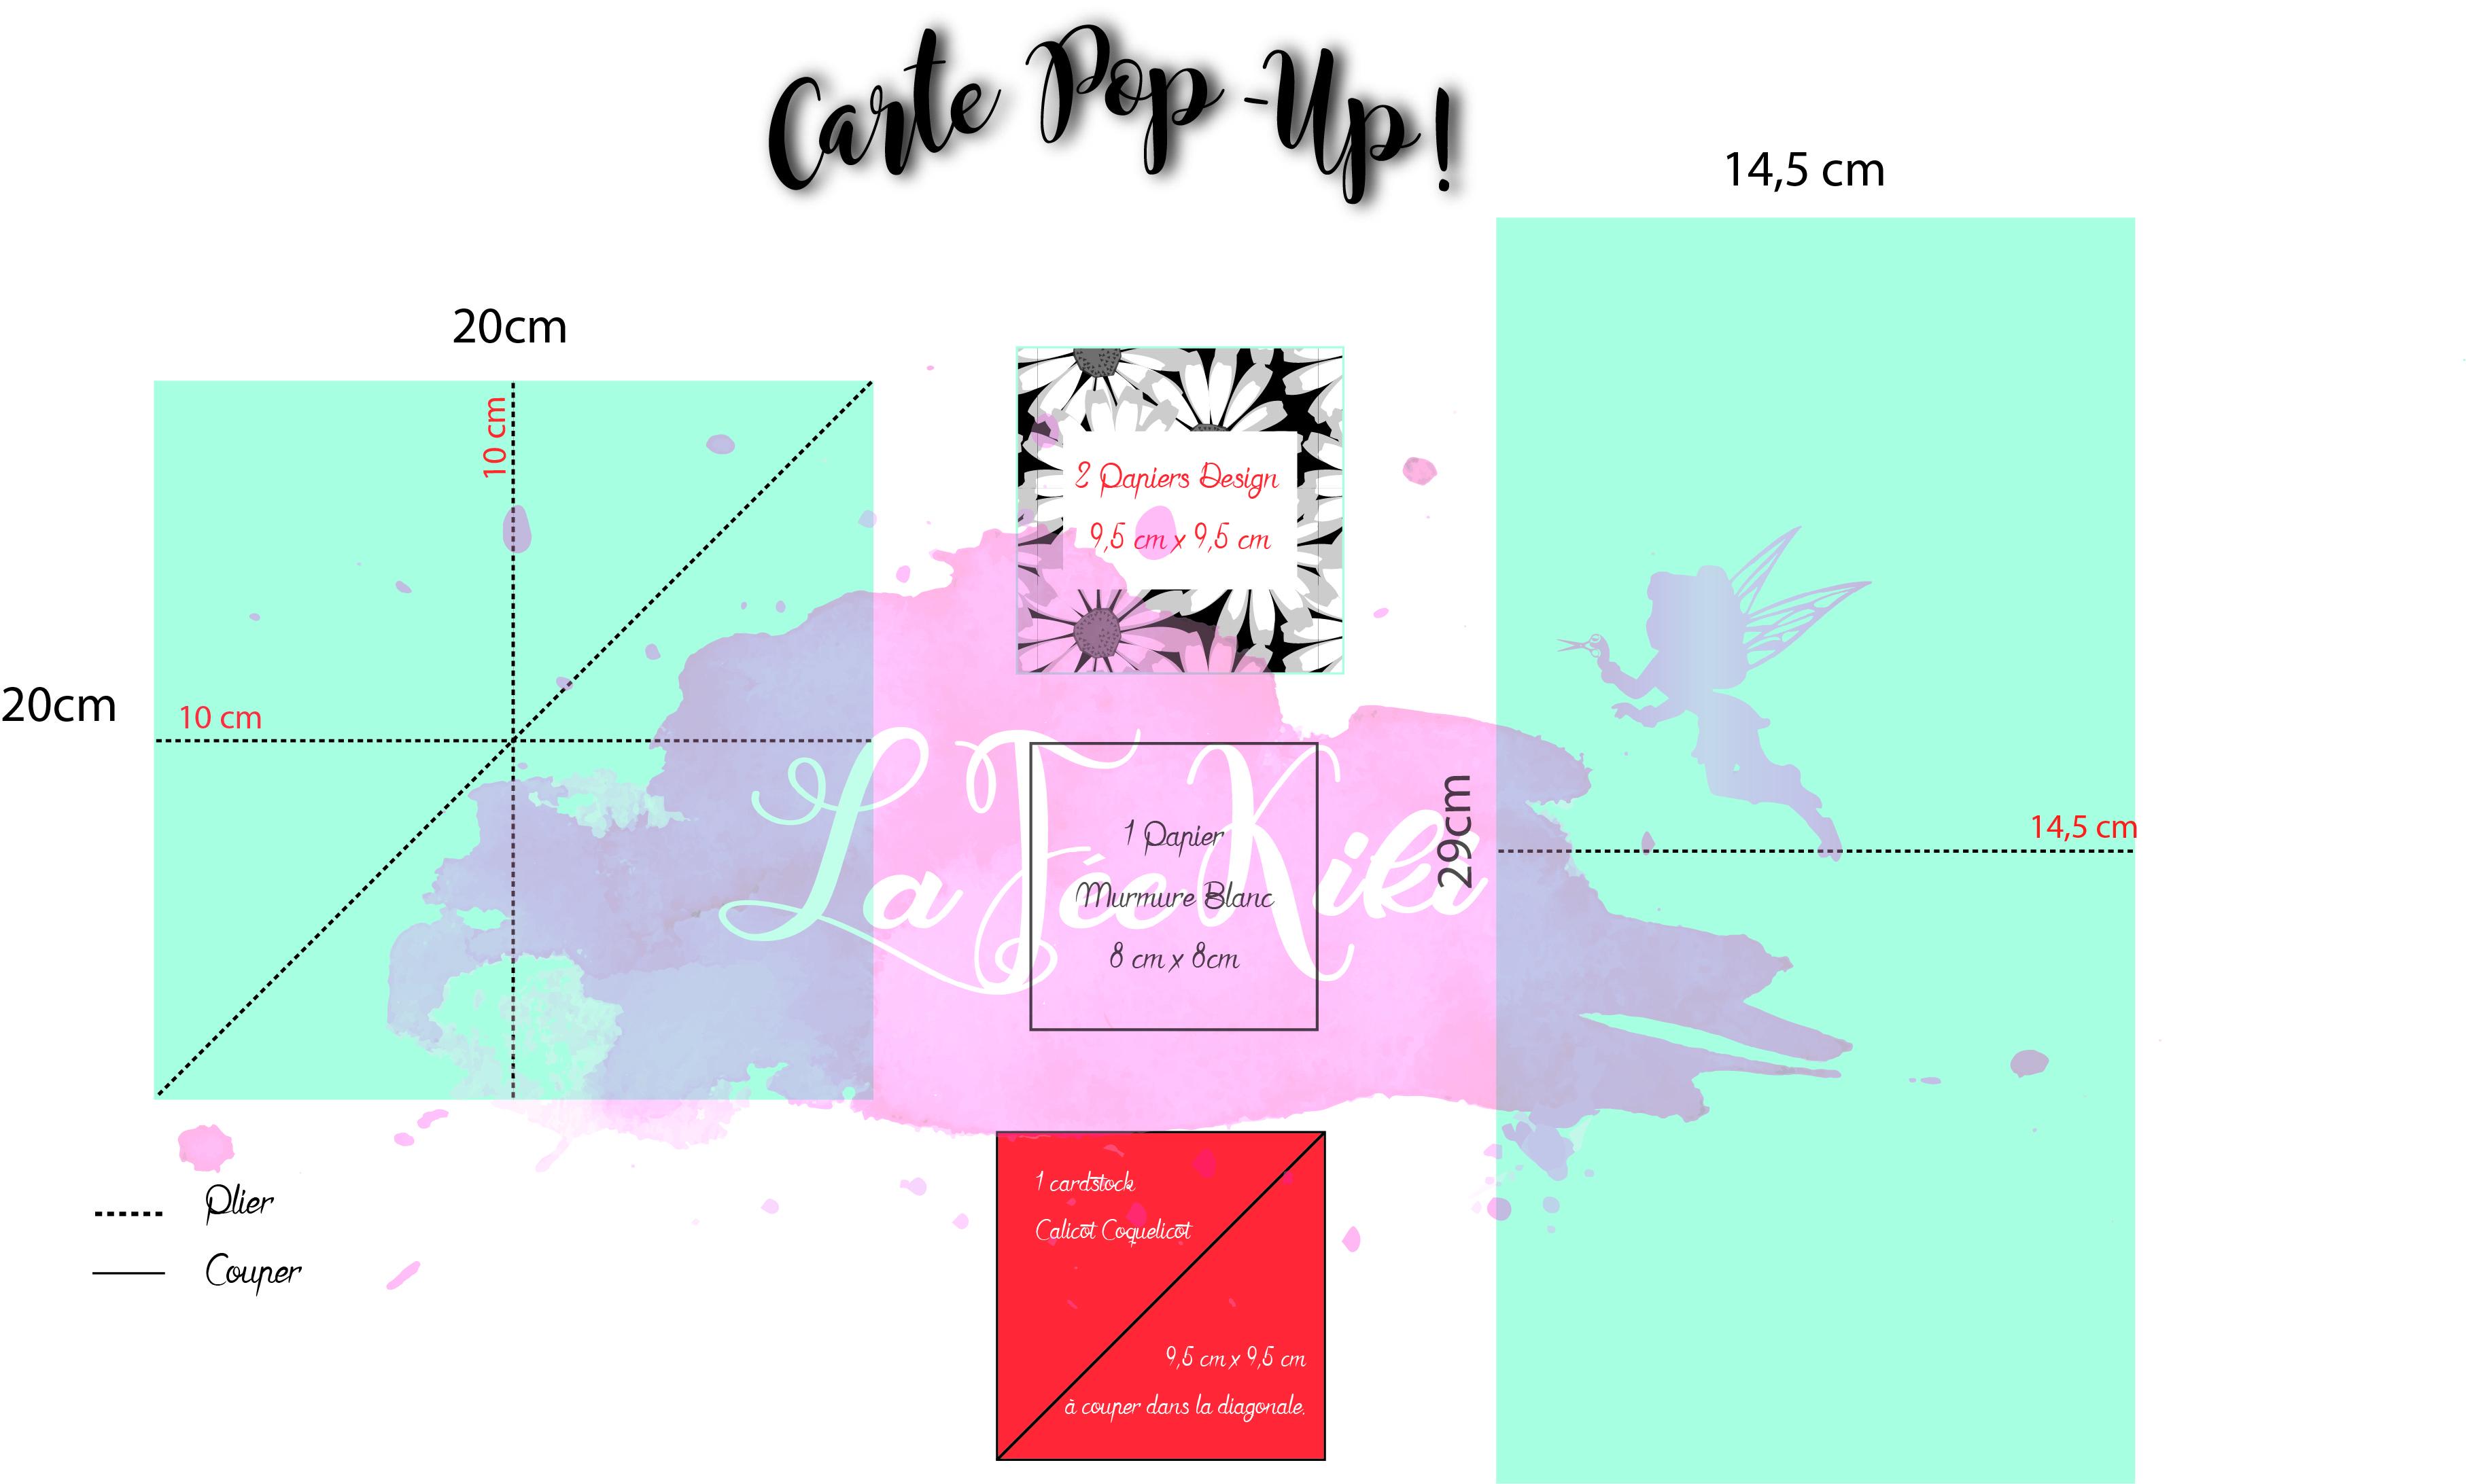 carte_pop_up_schéma.jpg